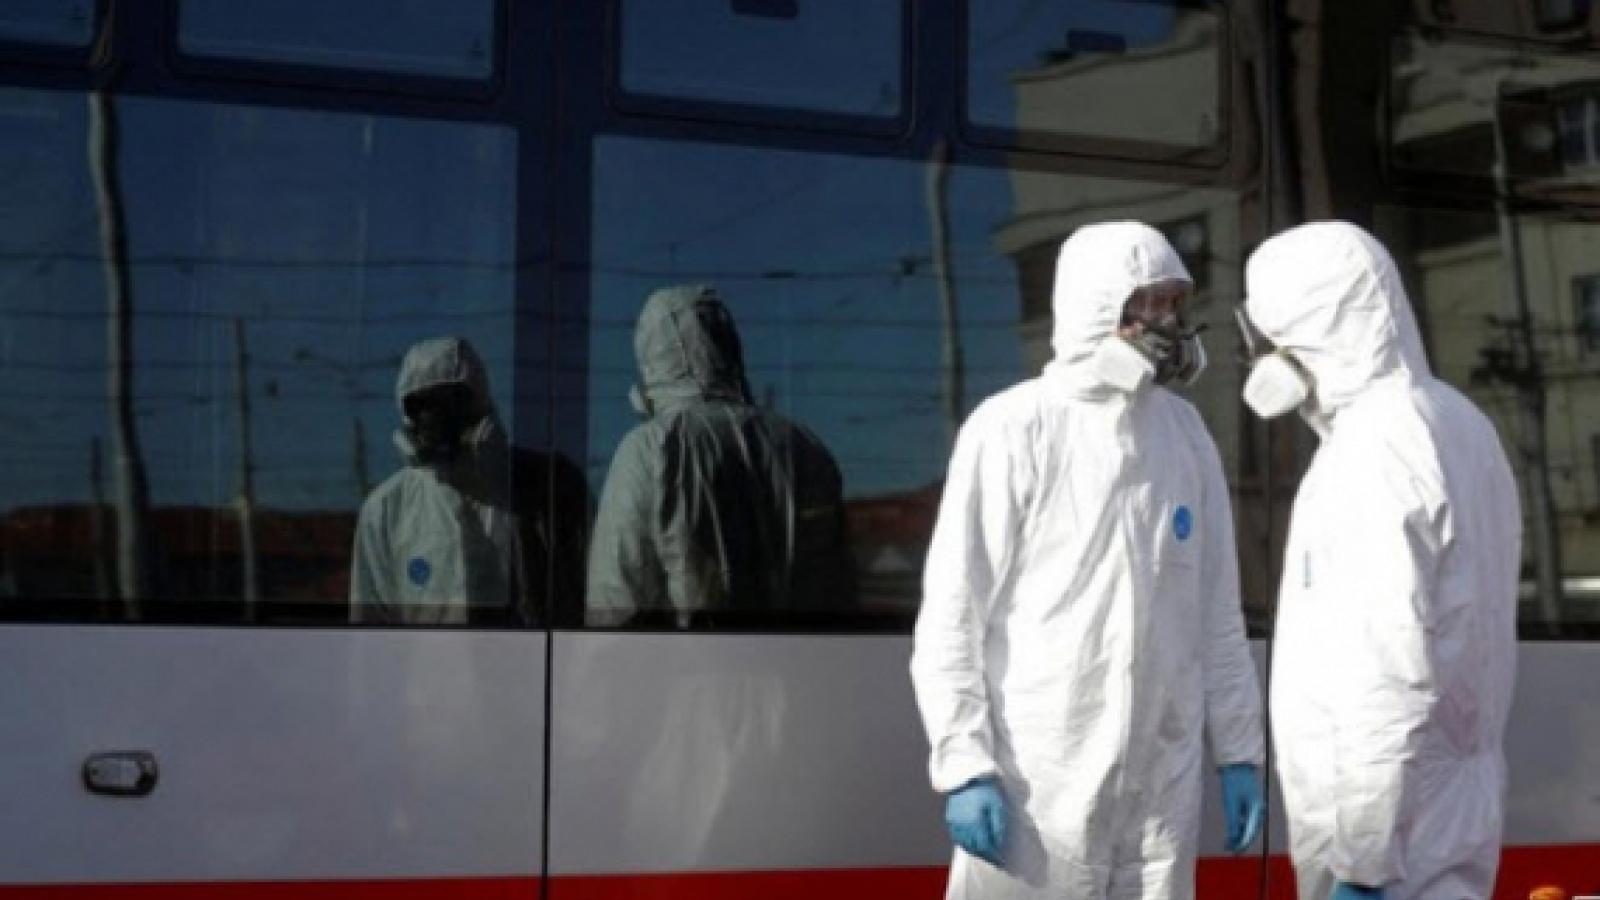 Cập nhật Covid-19: Hơn 54,2 triệu ca mắc, hơn 1,3 triệu ca tử vong toàn cầu